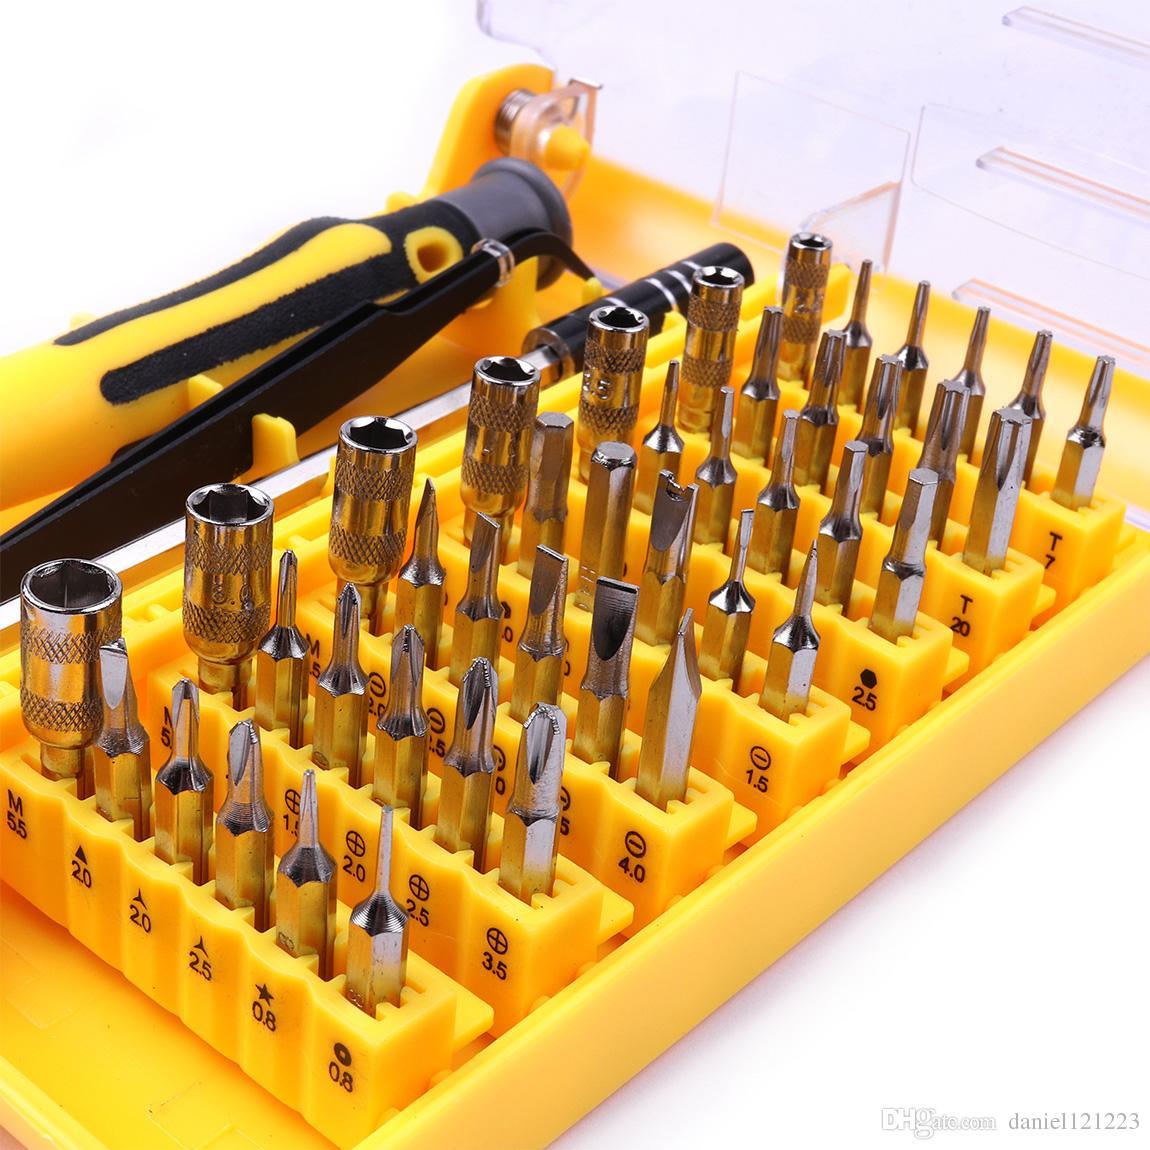 45 1 Tornavida Seti Değiştirilebilir Cımbız Uzatma Onarım Aracı Kiti Kutusu Cep Telefonu Tamir için, ev aletleri tamir vb